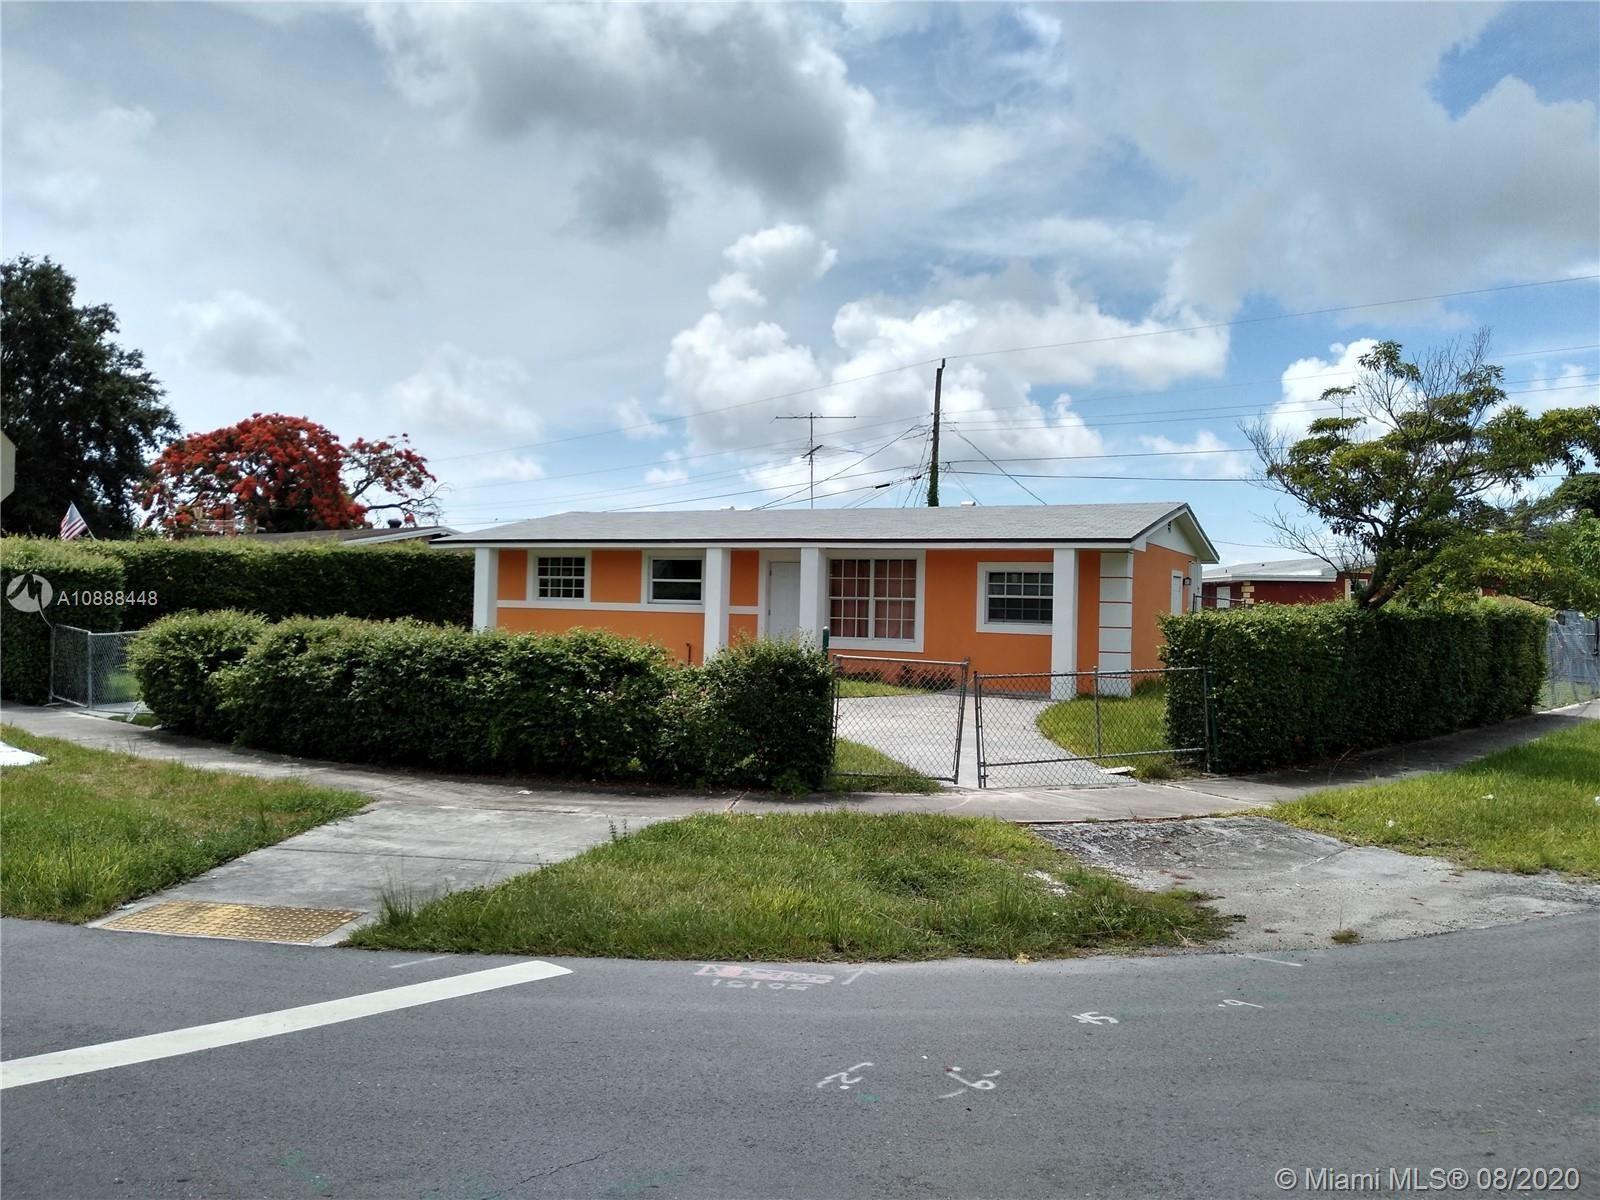 11470 SW 186th St, Miami, FL 33157 - #: A10888448